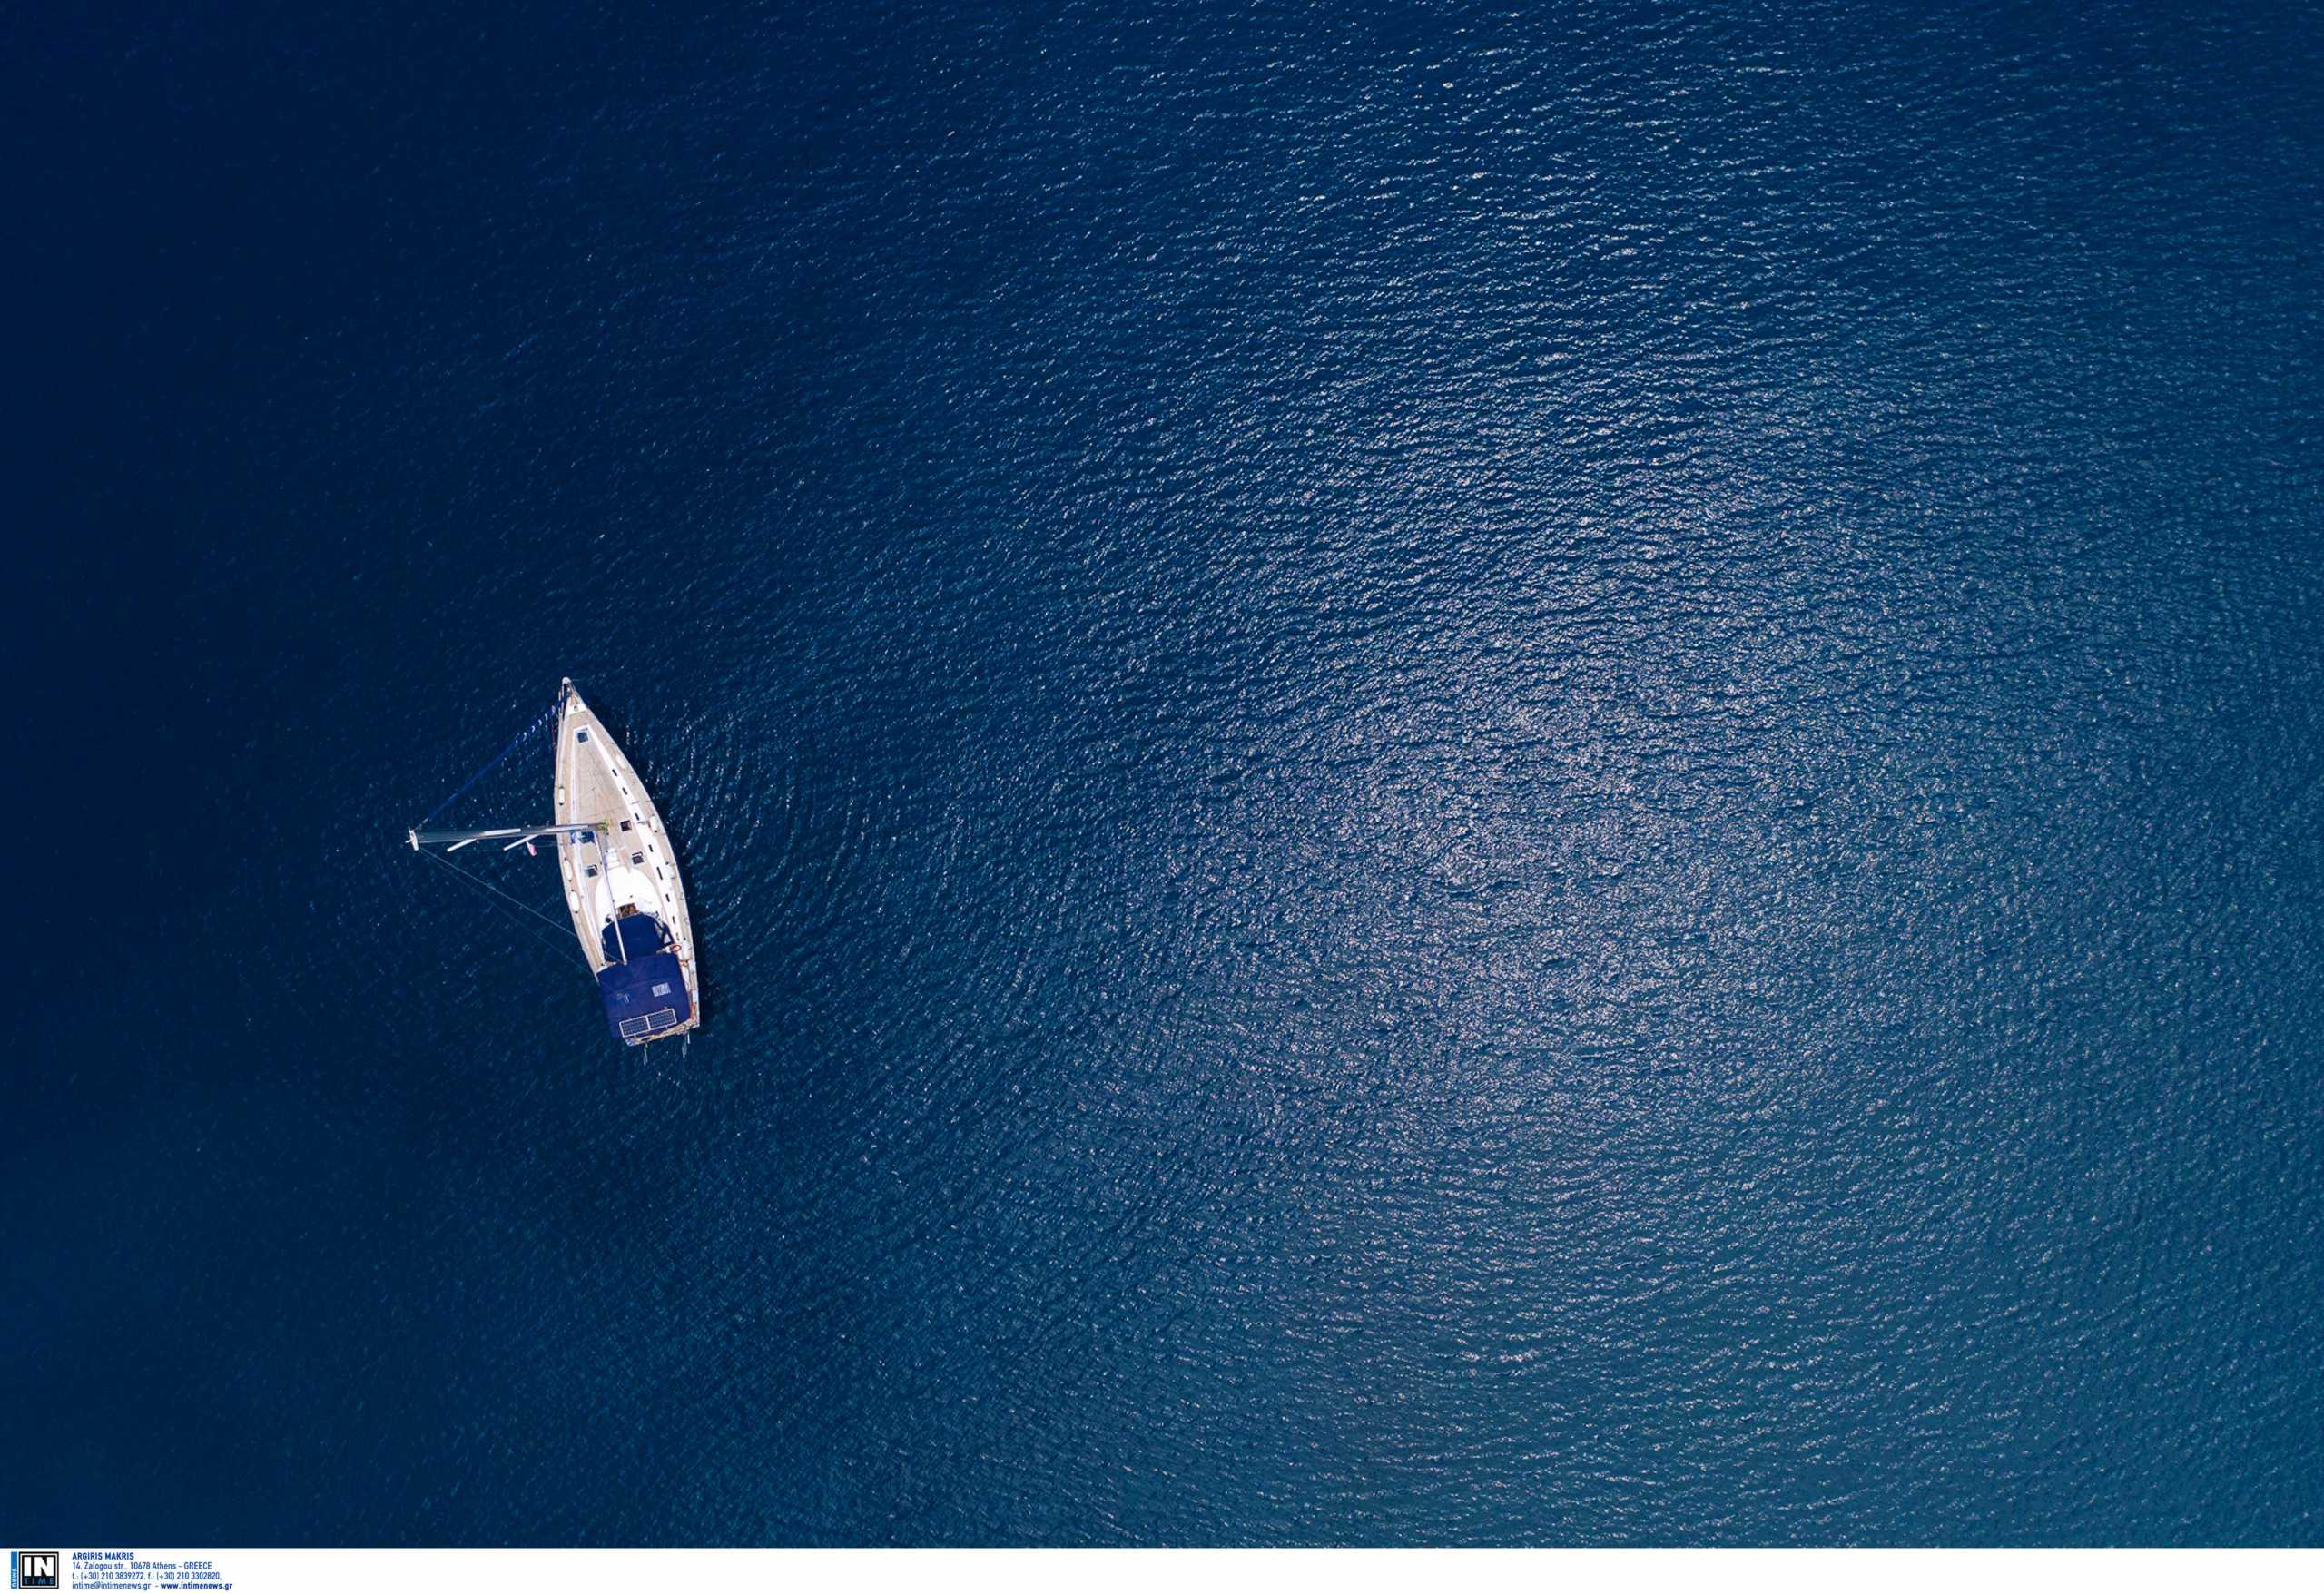 Θεσσαλονίκη:  Ανατροπή ιστιοπλοϊκής κωπήλατης λέμβου στο Αγγελοχώρι με 10 άτομα να πέφτουν στη θάλασσα